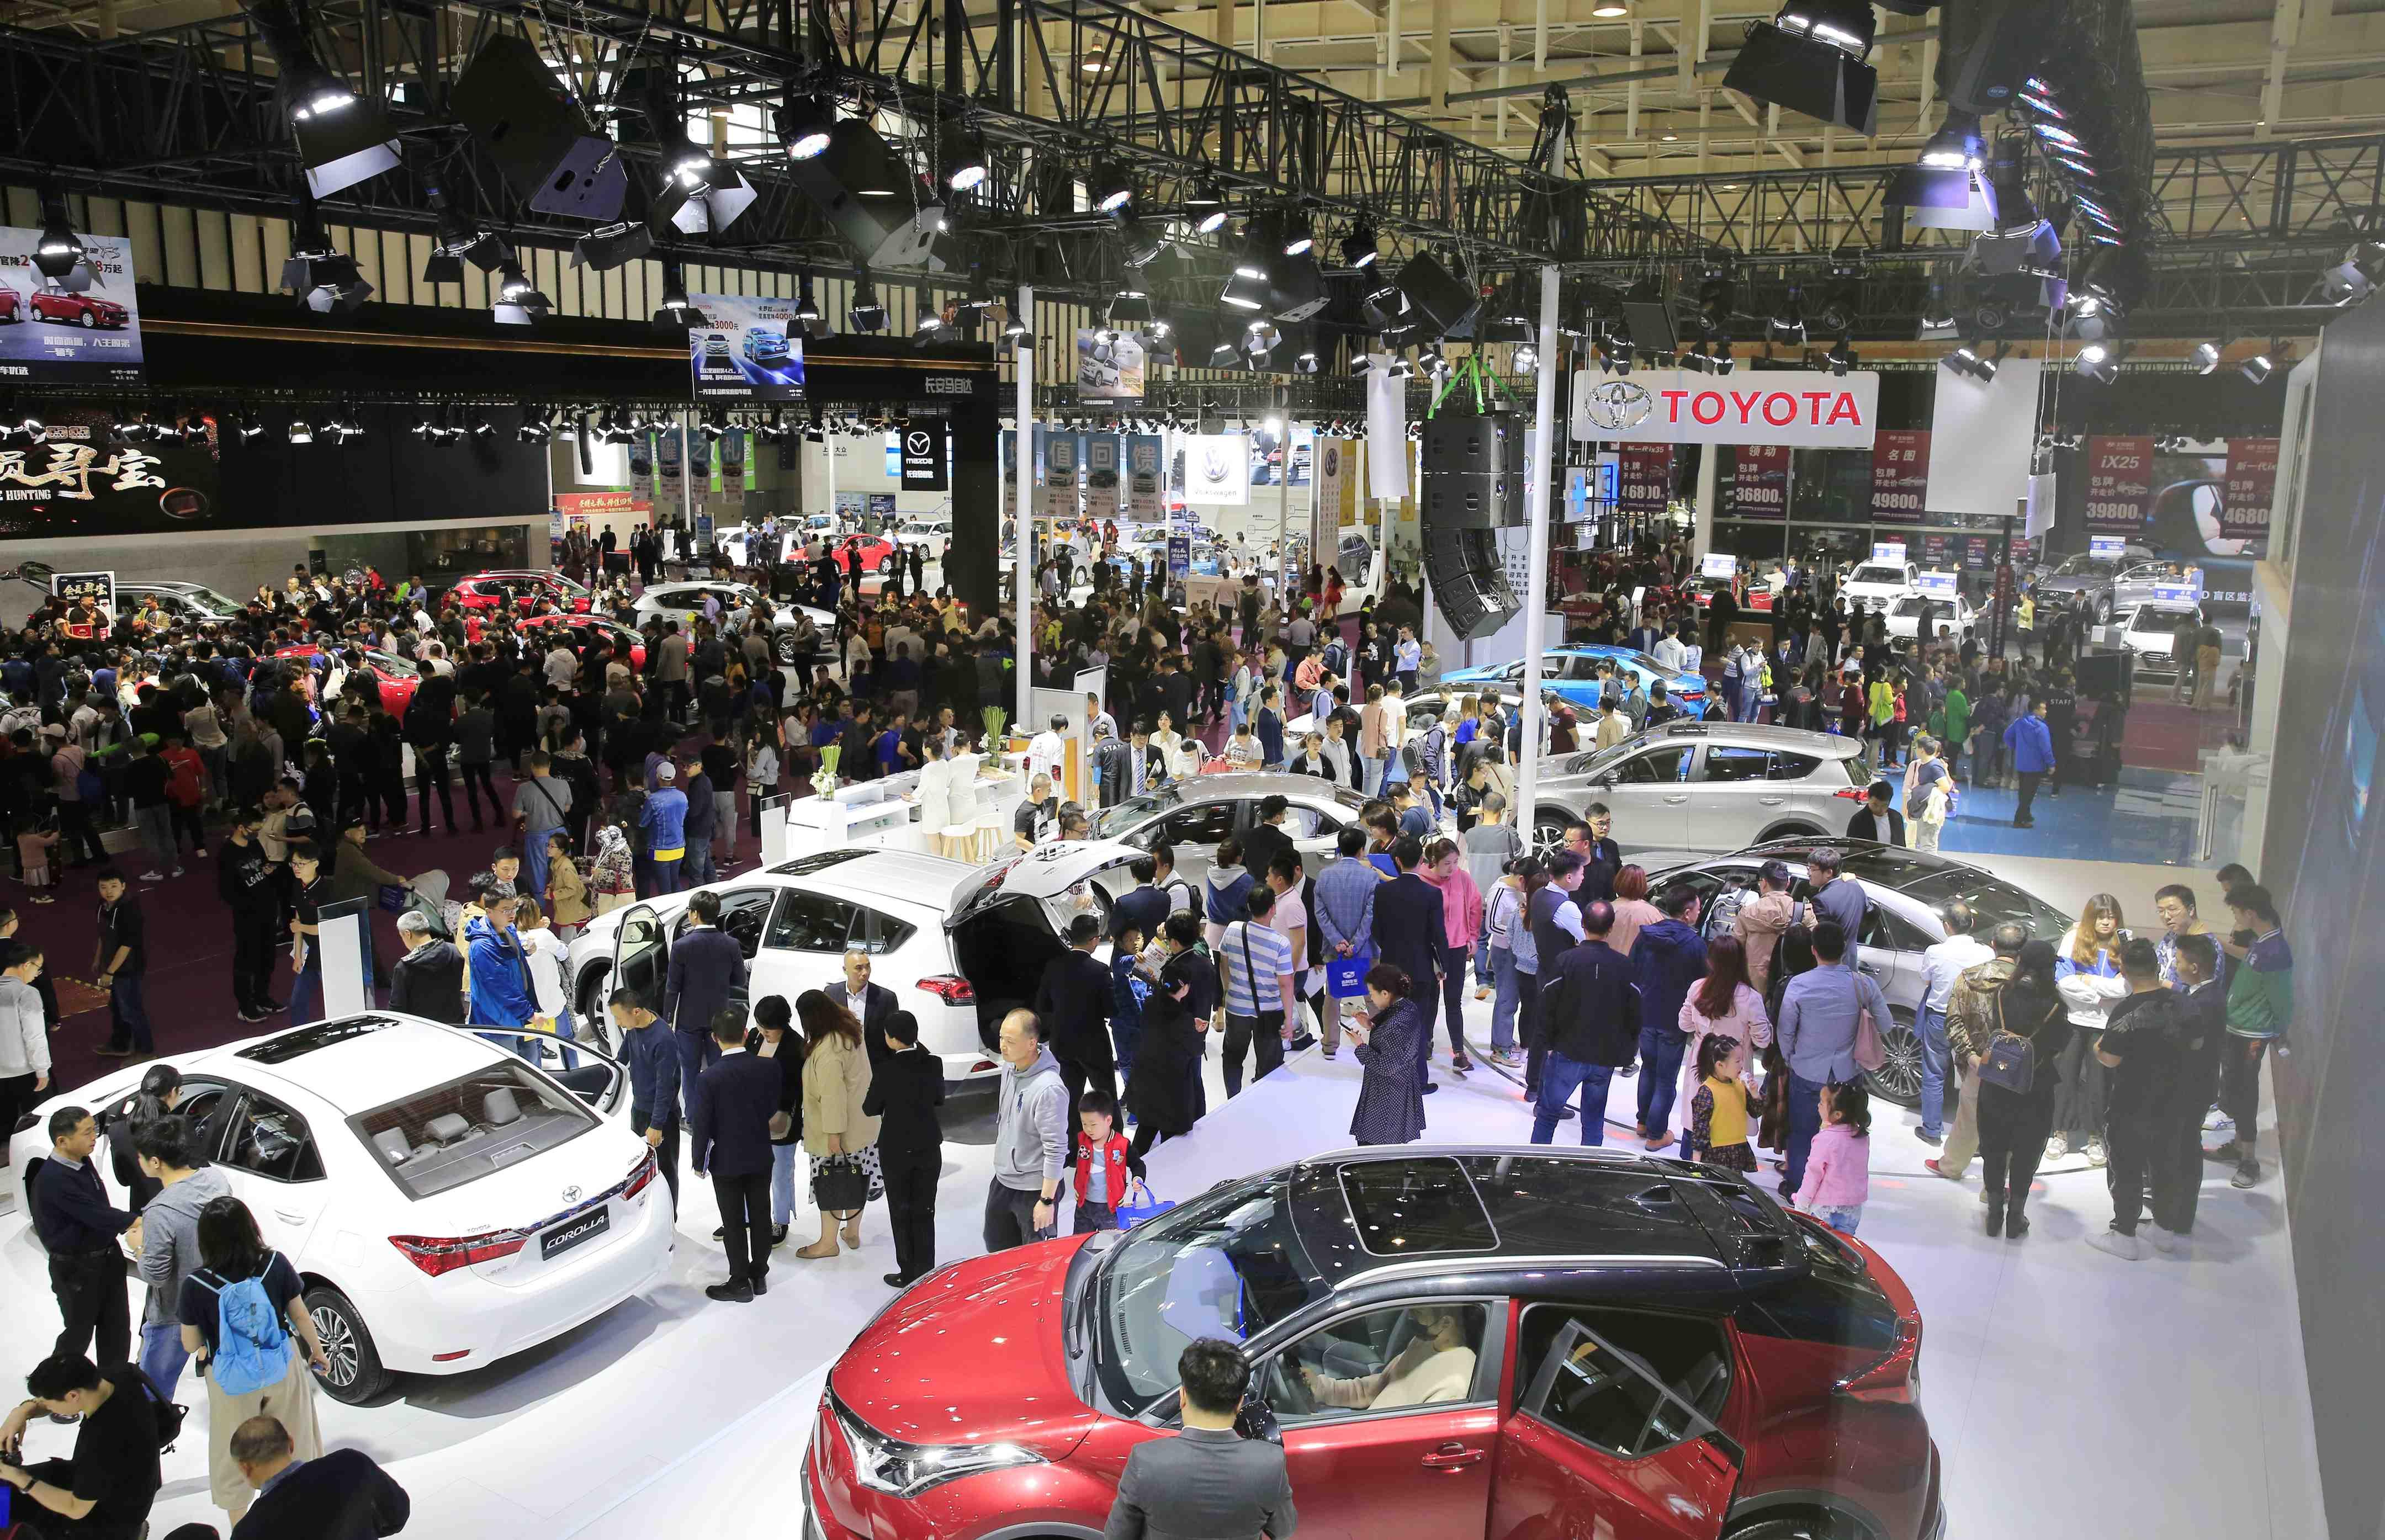 """第十二屆(山東)國際汽車工業博覽會,將于11月8-11日盛大舉行,啟用濟南剛剛落成且目前規模最大的會展中心—山東國際會展中心(西部展館)舉辦,展出面積近3萬平米。屆時,來自全球70余汽車品牌的近1000余款車型將閃亮登場,主流汽車廠商攜旗下全系熱門車型、新車型悉數到場;除傳統燃油車外,新能源及智能網聯汽車、房車、卡車也將以獨立主題展區的形式同步亮相,一場全城聚焦的頂尖車市盛筵即將呈現。<br /> <p> 2019濟南國際車展,秉承""""國際化、專業化、市場化""""的辦展理念和特色,依托尚格會展24年豐富辦展經驗及專業的運營團隊,采用""""新跨界·新運營·新營銷""""創新的全域營銷推廣模式,全力打造一場""""科技、時尚、鉅惠""""于一體的汽車盛會,為車商搭建最聚人氣、最能售車的服務平臺,為市民打造最佳賞車、最惠購車的體驗平臺,成就濟南地區最實惠、最專業、最具影響力的汽車行業盛會。 </p>"""